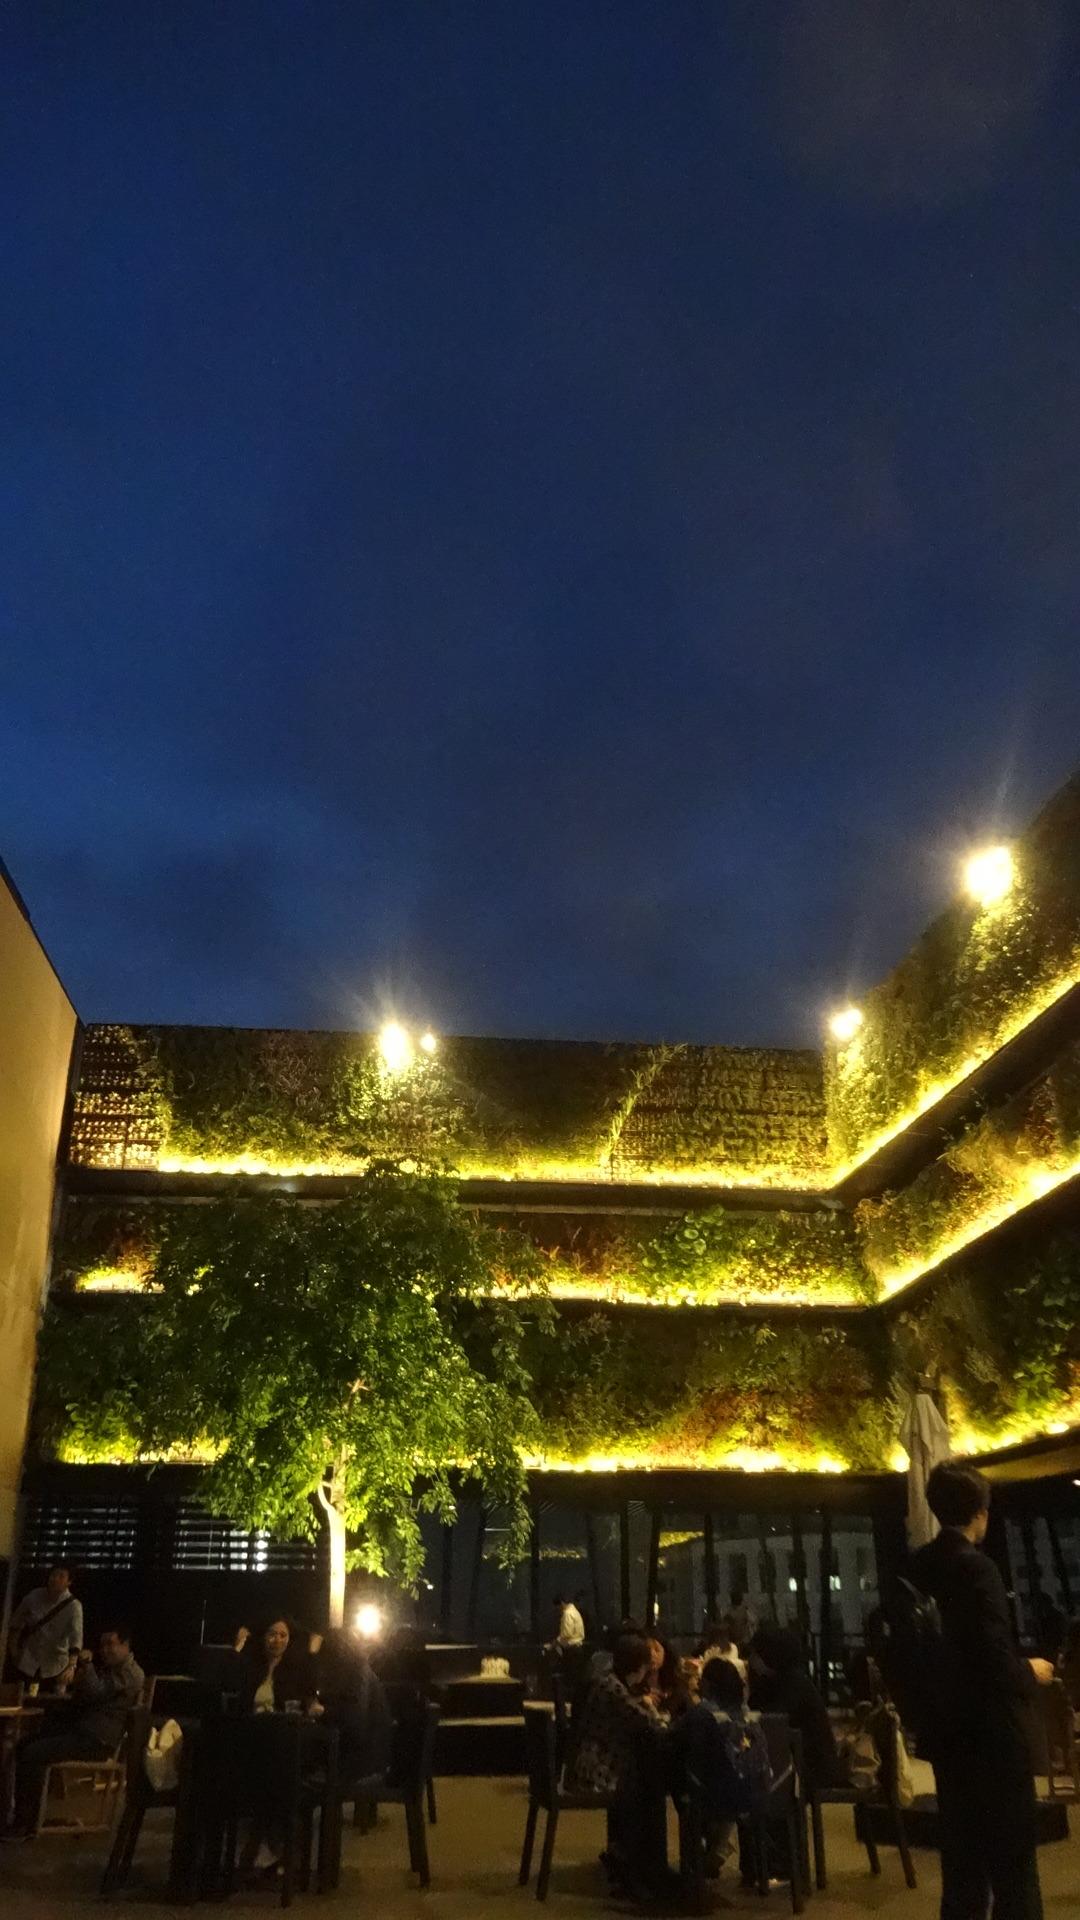 オープンエアーの屋上